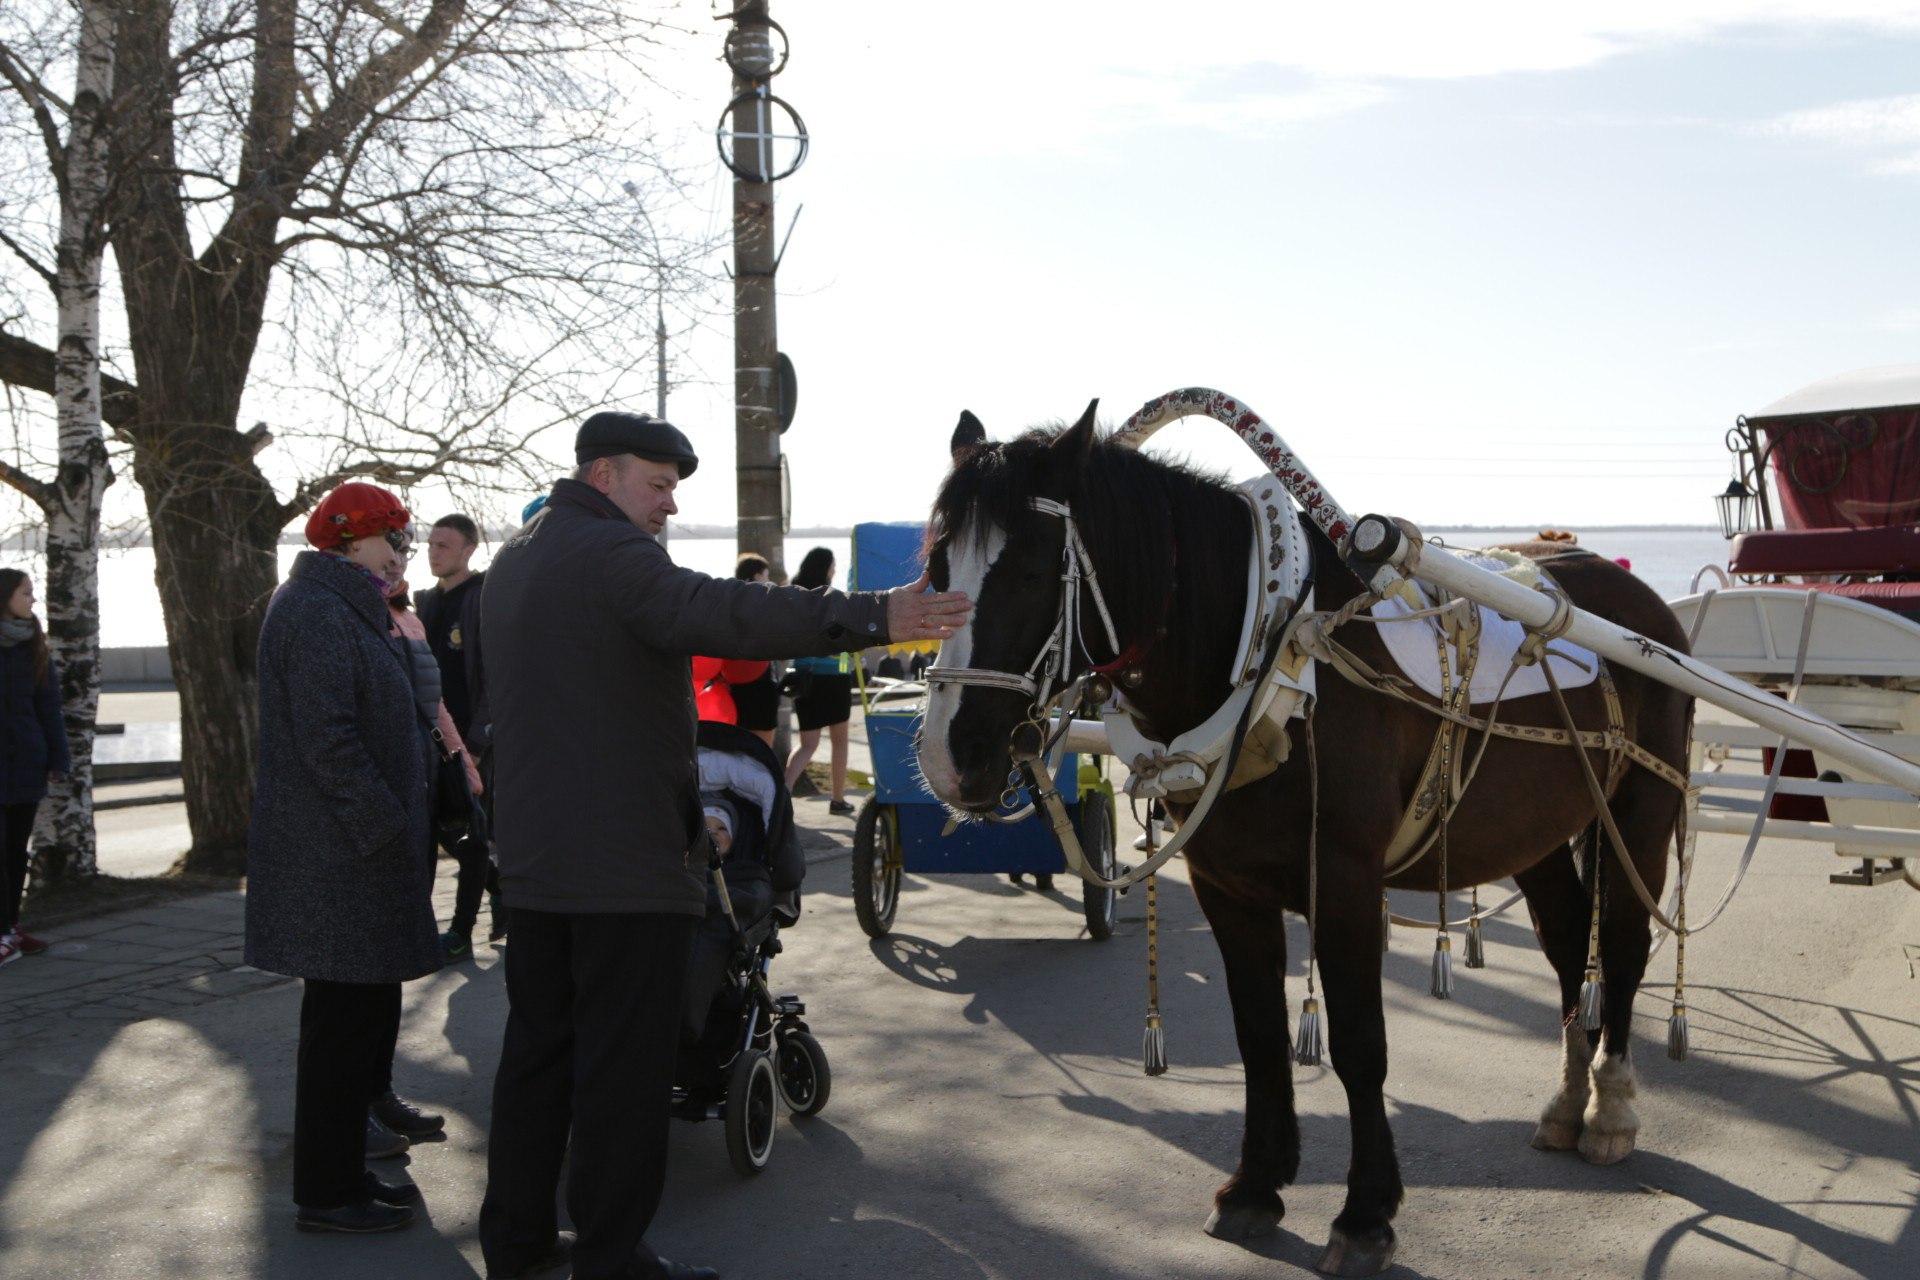 Ближе к улице Логинова катание подорожает до 250 рублей